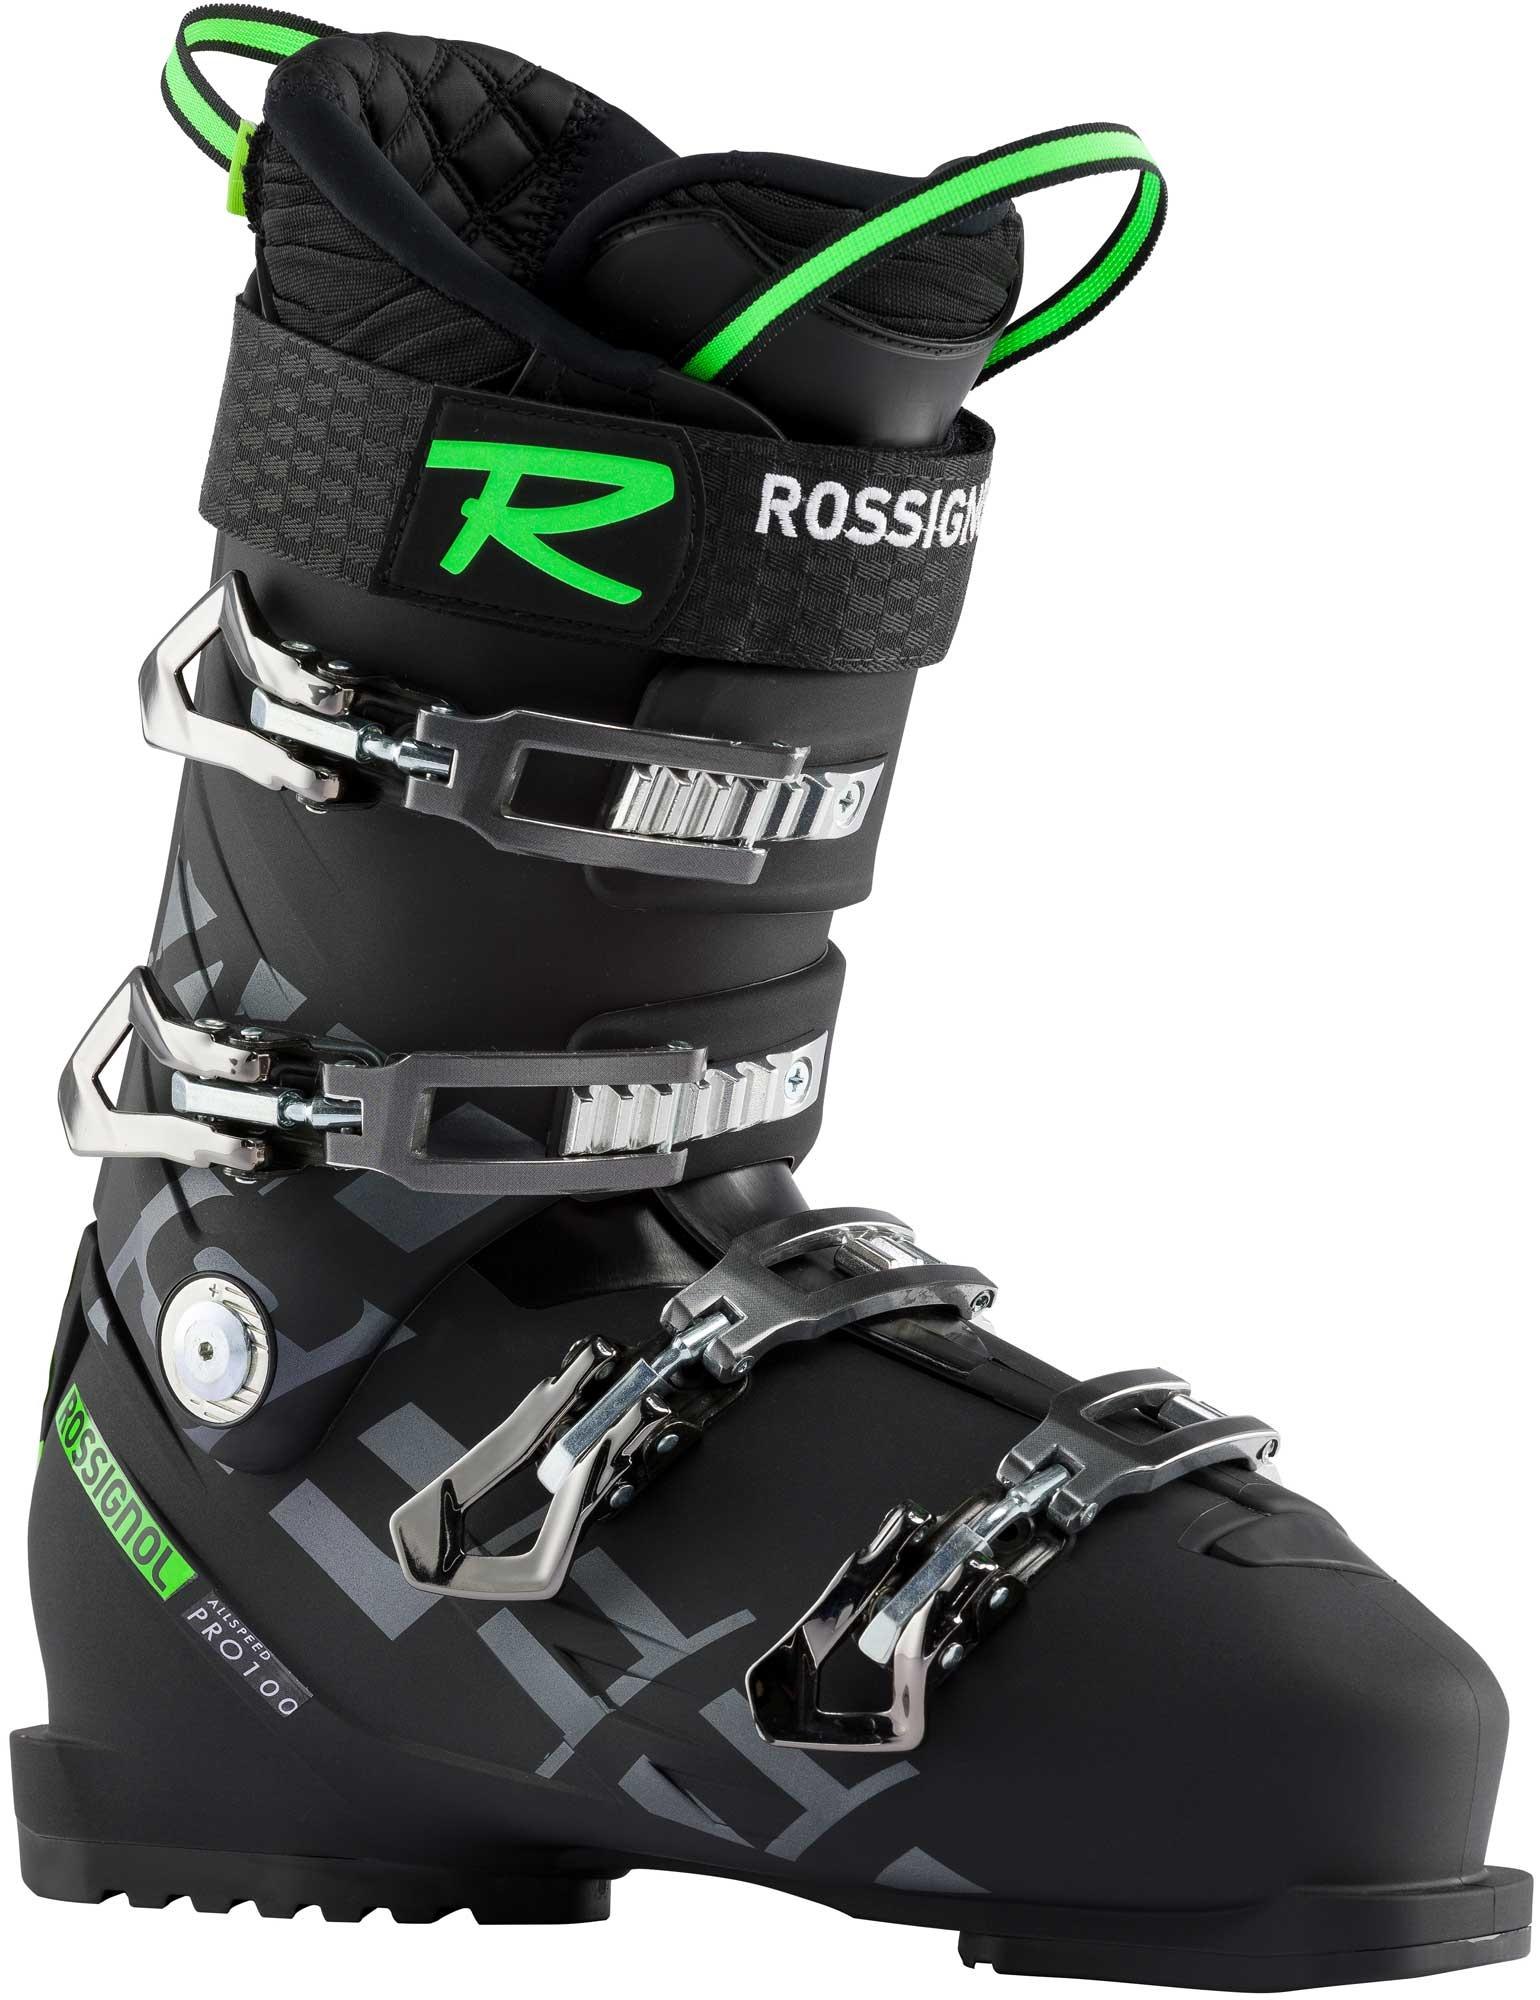 Rossignol Allspeed Pro 100-1